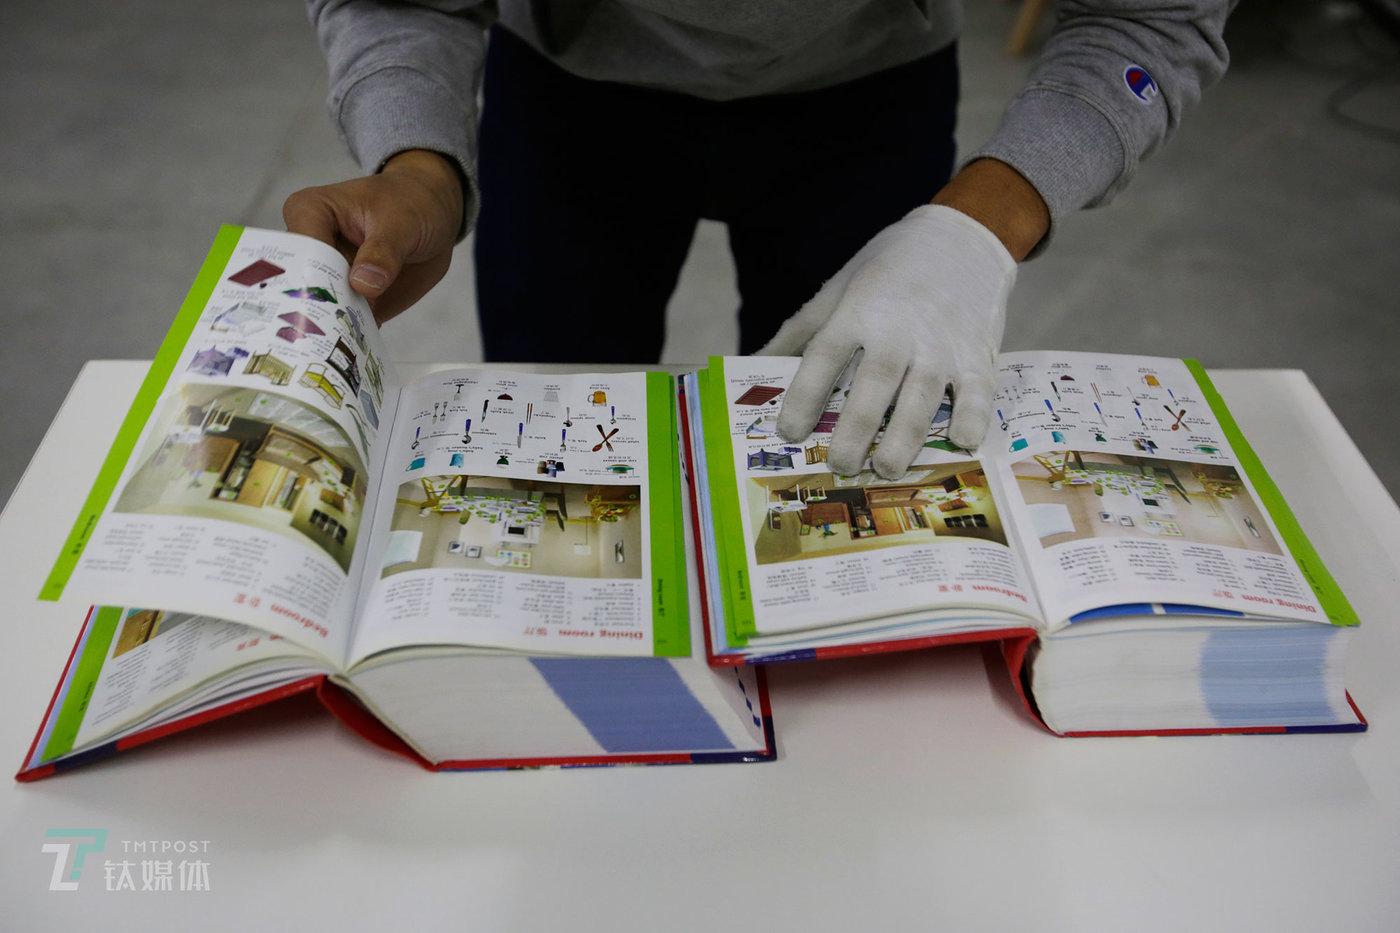 """杨玉擎的同事在对两本词典做正盗版鉴定。他们总结了盗版书的五个通用特征:书的腰封印在封面上;外文书封底有中文书名或中文拼音;封案连着扉页,书没有前衬页和后衬页;直接印着""""XX全集""""字样或把套装书缩印成一本;平装绘本定价高于20元。(陈拯 摄)"""